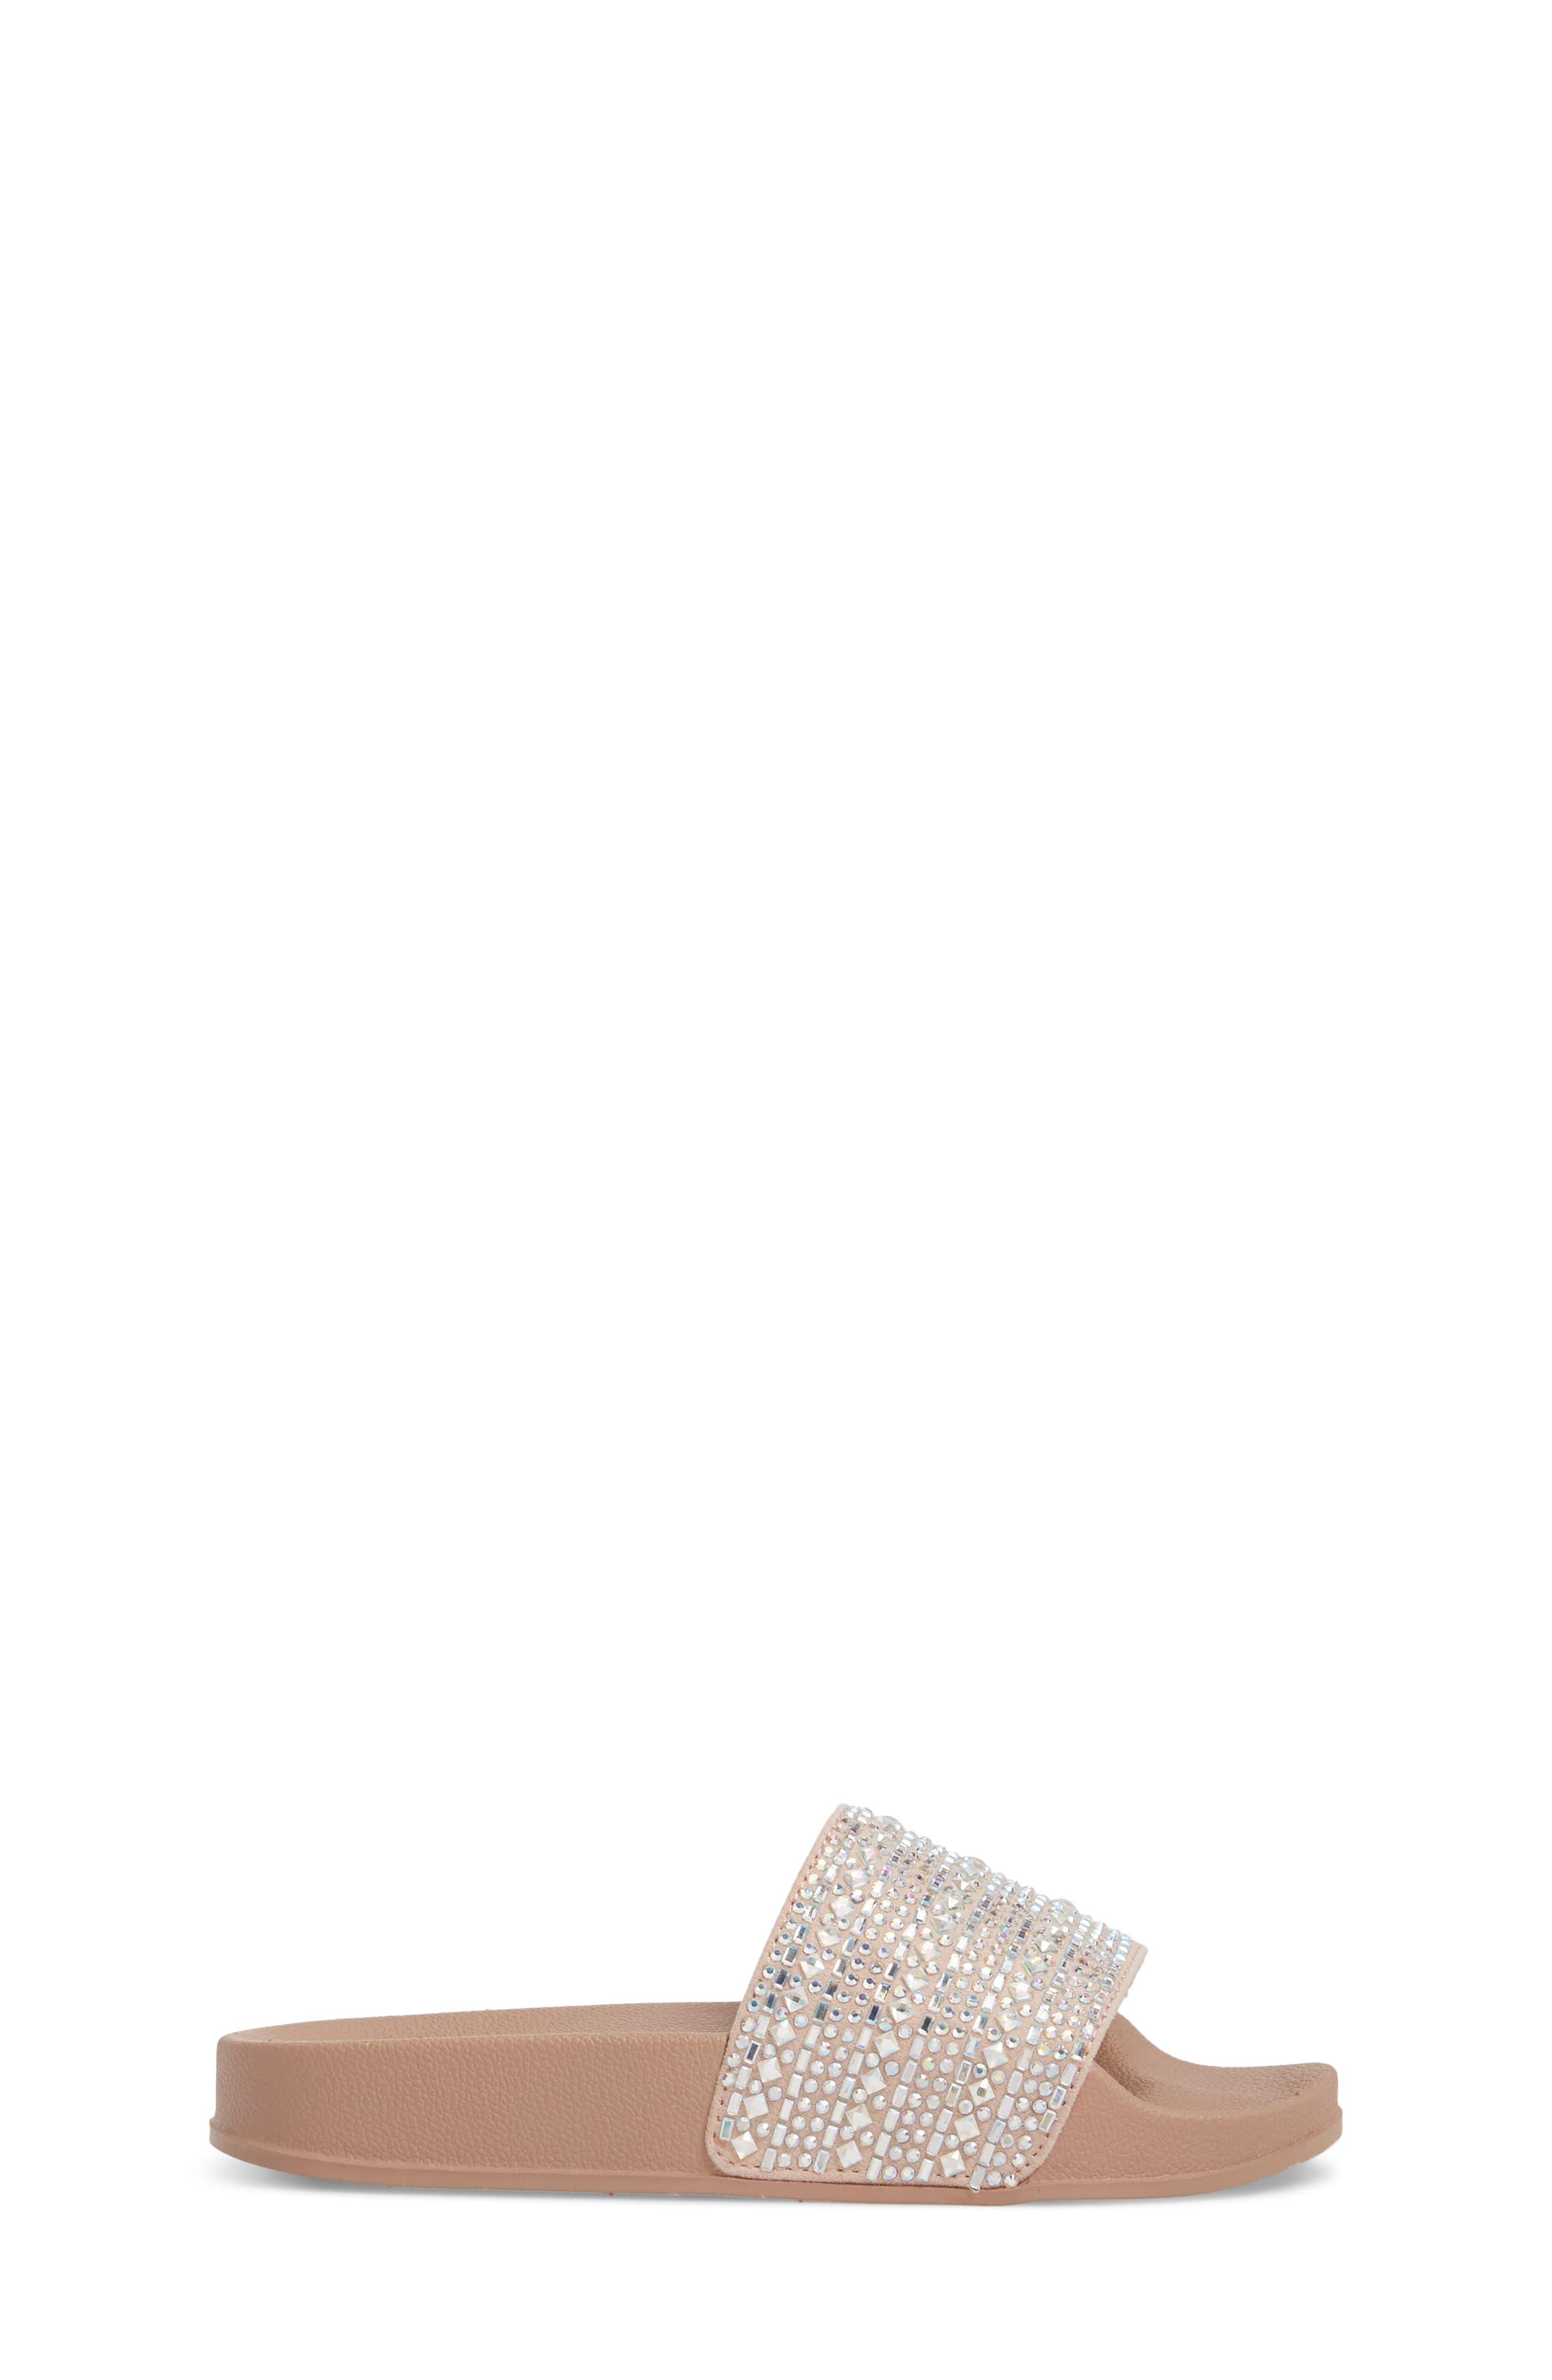 JDAZZLE Crystal Embellished Slide Sandal,                             Alternate thumbnail 3, color,                             675